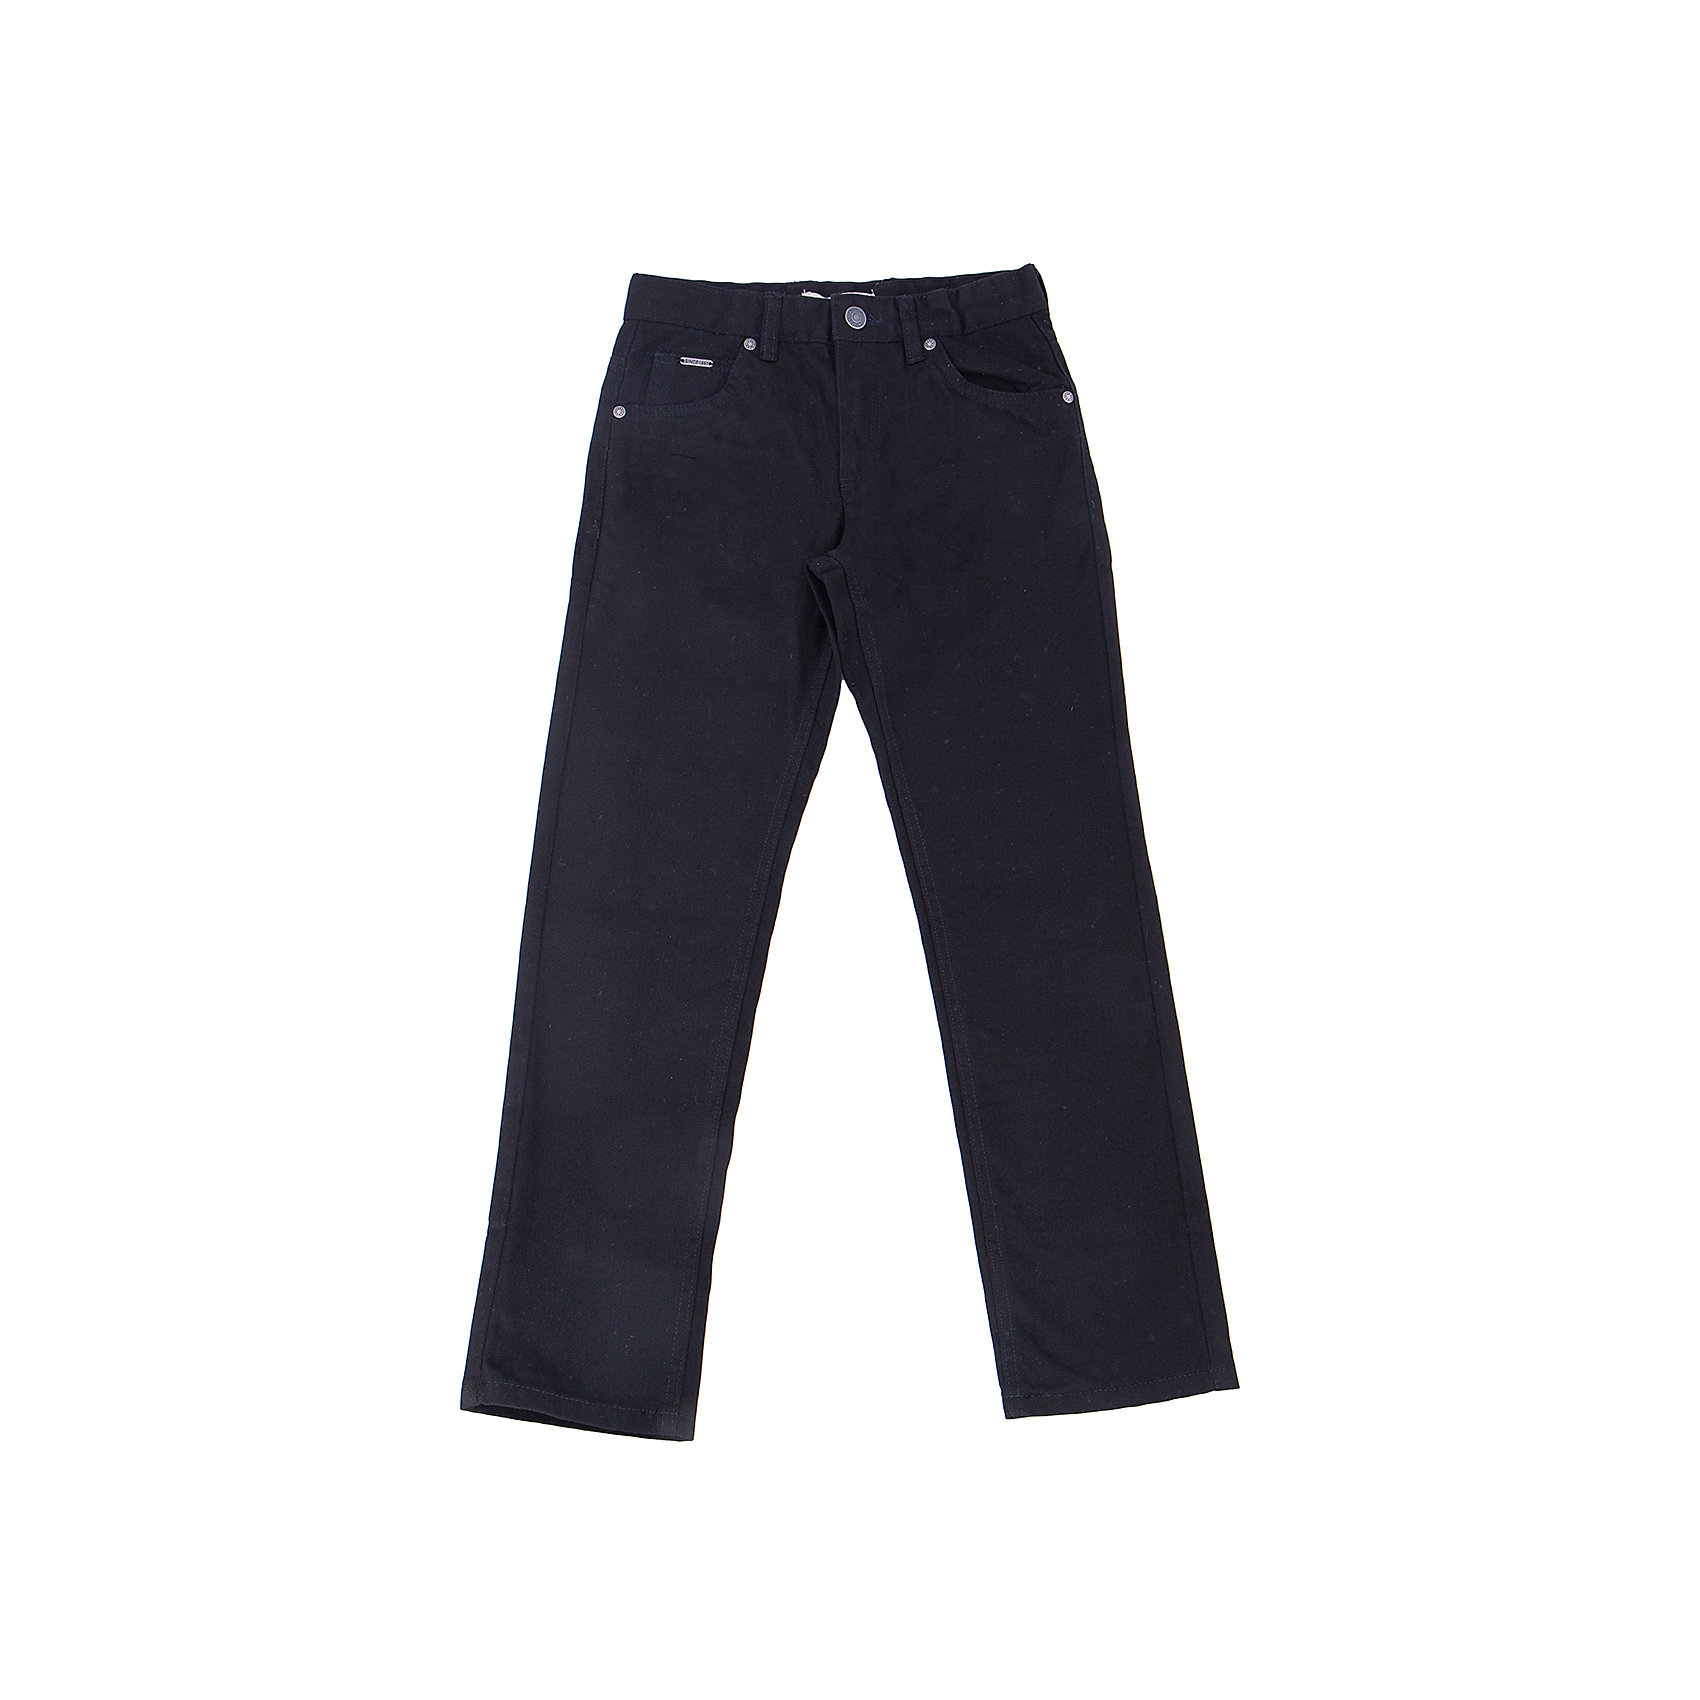 Брюки для мальчика SELAБрюки<br>Брюки для мальчика из коллекции осень-зима 2016-2017 от известного бренда SELA. Стильные брюки на каждый день приятного черного цвета сделаны из хлопка. Брюки на молнии, имеют классические 5 карманов, прекрасно подойдут как к рубашкам, так и к футболкам.<br><br>Дополнительная информация:<br>- Силуэт прямой <br><br>Состав: 100% хлопок <br><br>Брюки для мальчиков Sela можно купить в нашем интернет-магазине.<br>.<br>Подробнее:<br>• Для детей в возрасте: от 6 до 12 лет<br>• Номер товара: 4913228<br>Страна производитель: Бангладеш<br><br>Ширина мм: 215<br>Глубина мм: 88<br>Высота мм: 191<br>Вес г: 336<br>Цвет: черный<br>Возраст от месяцев: 132<br>Возраст до месяцев: 144<br>Пол: Мужской<br>Возраст: Детский<br>Размер: 152,134,116,128,146,140,122<br>SKU: 4913227